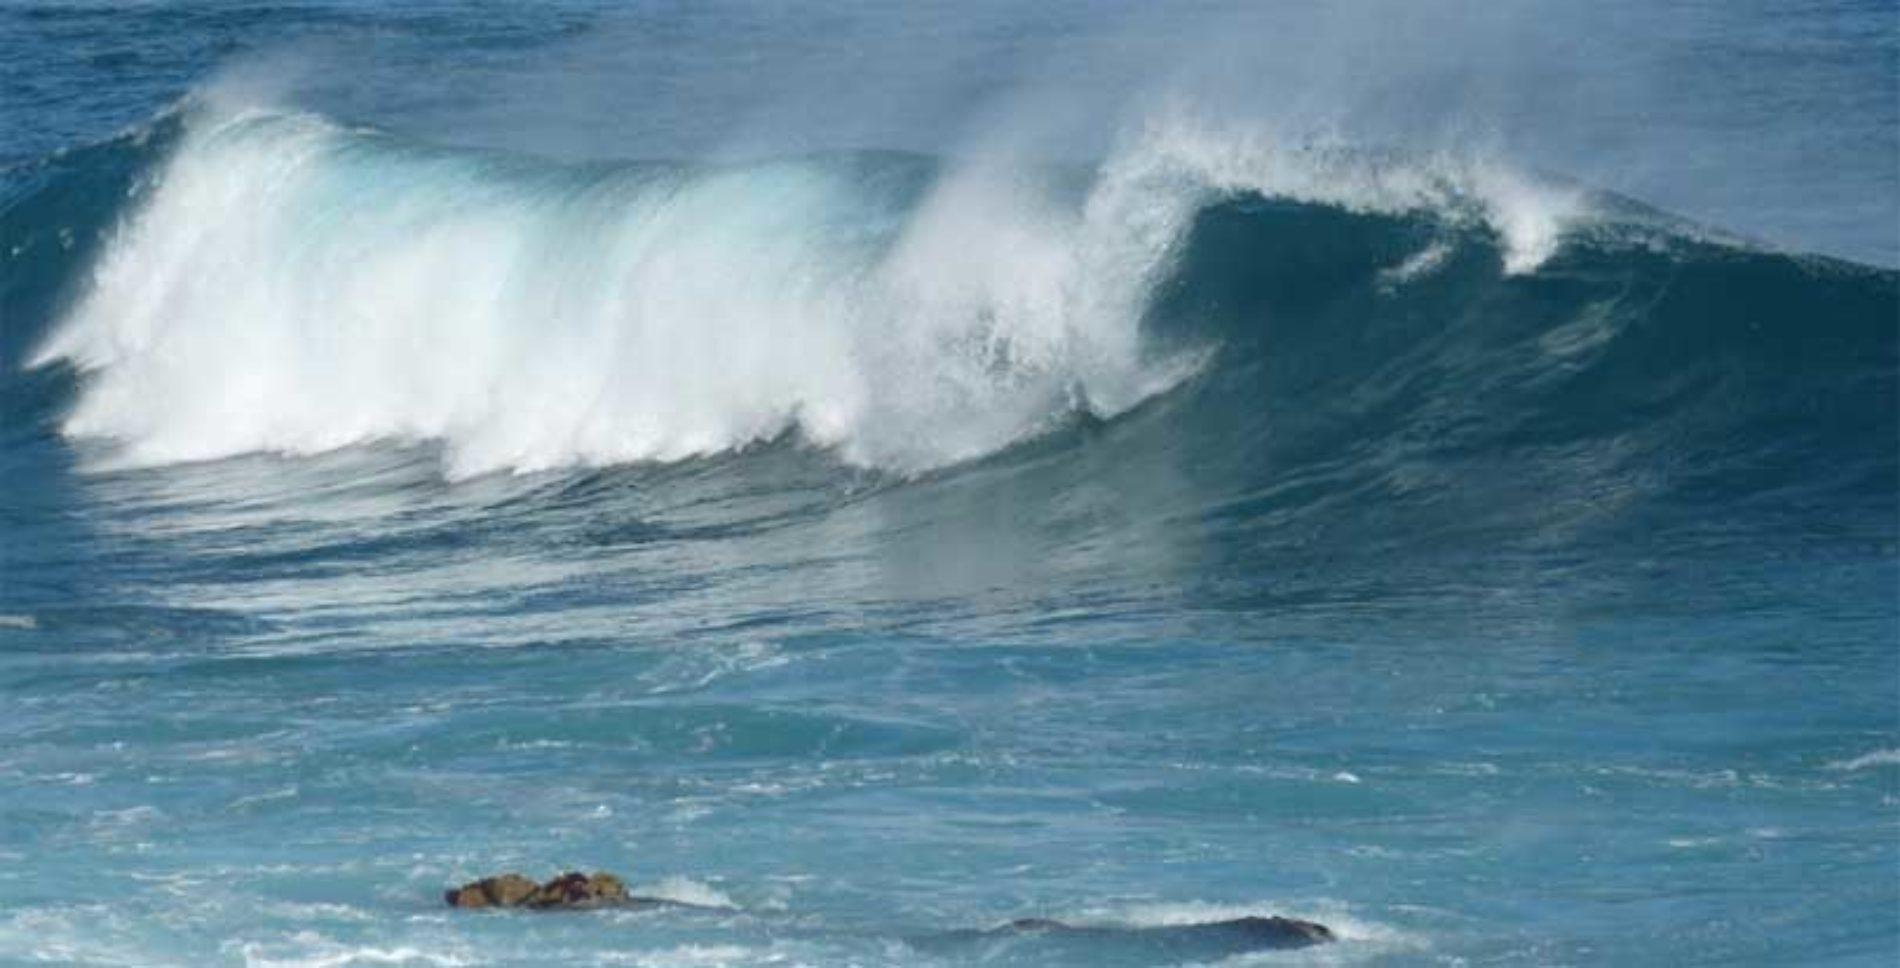 16 døde av drukning på Kanariøyene i år – 3 i påskeuken